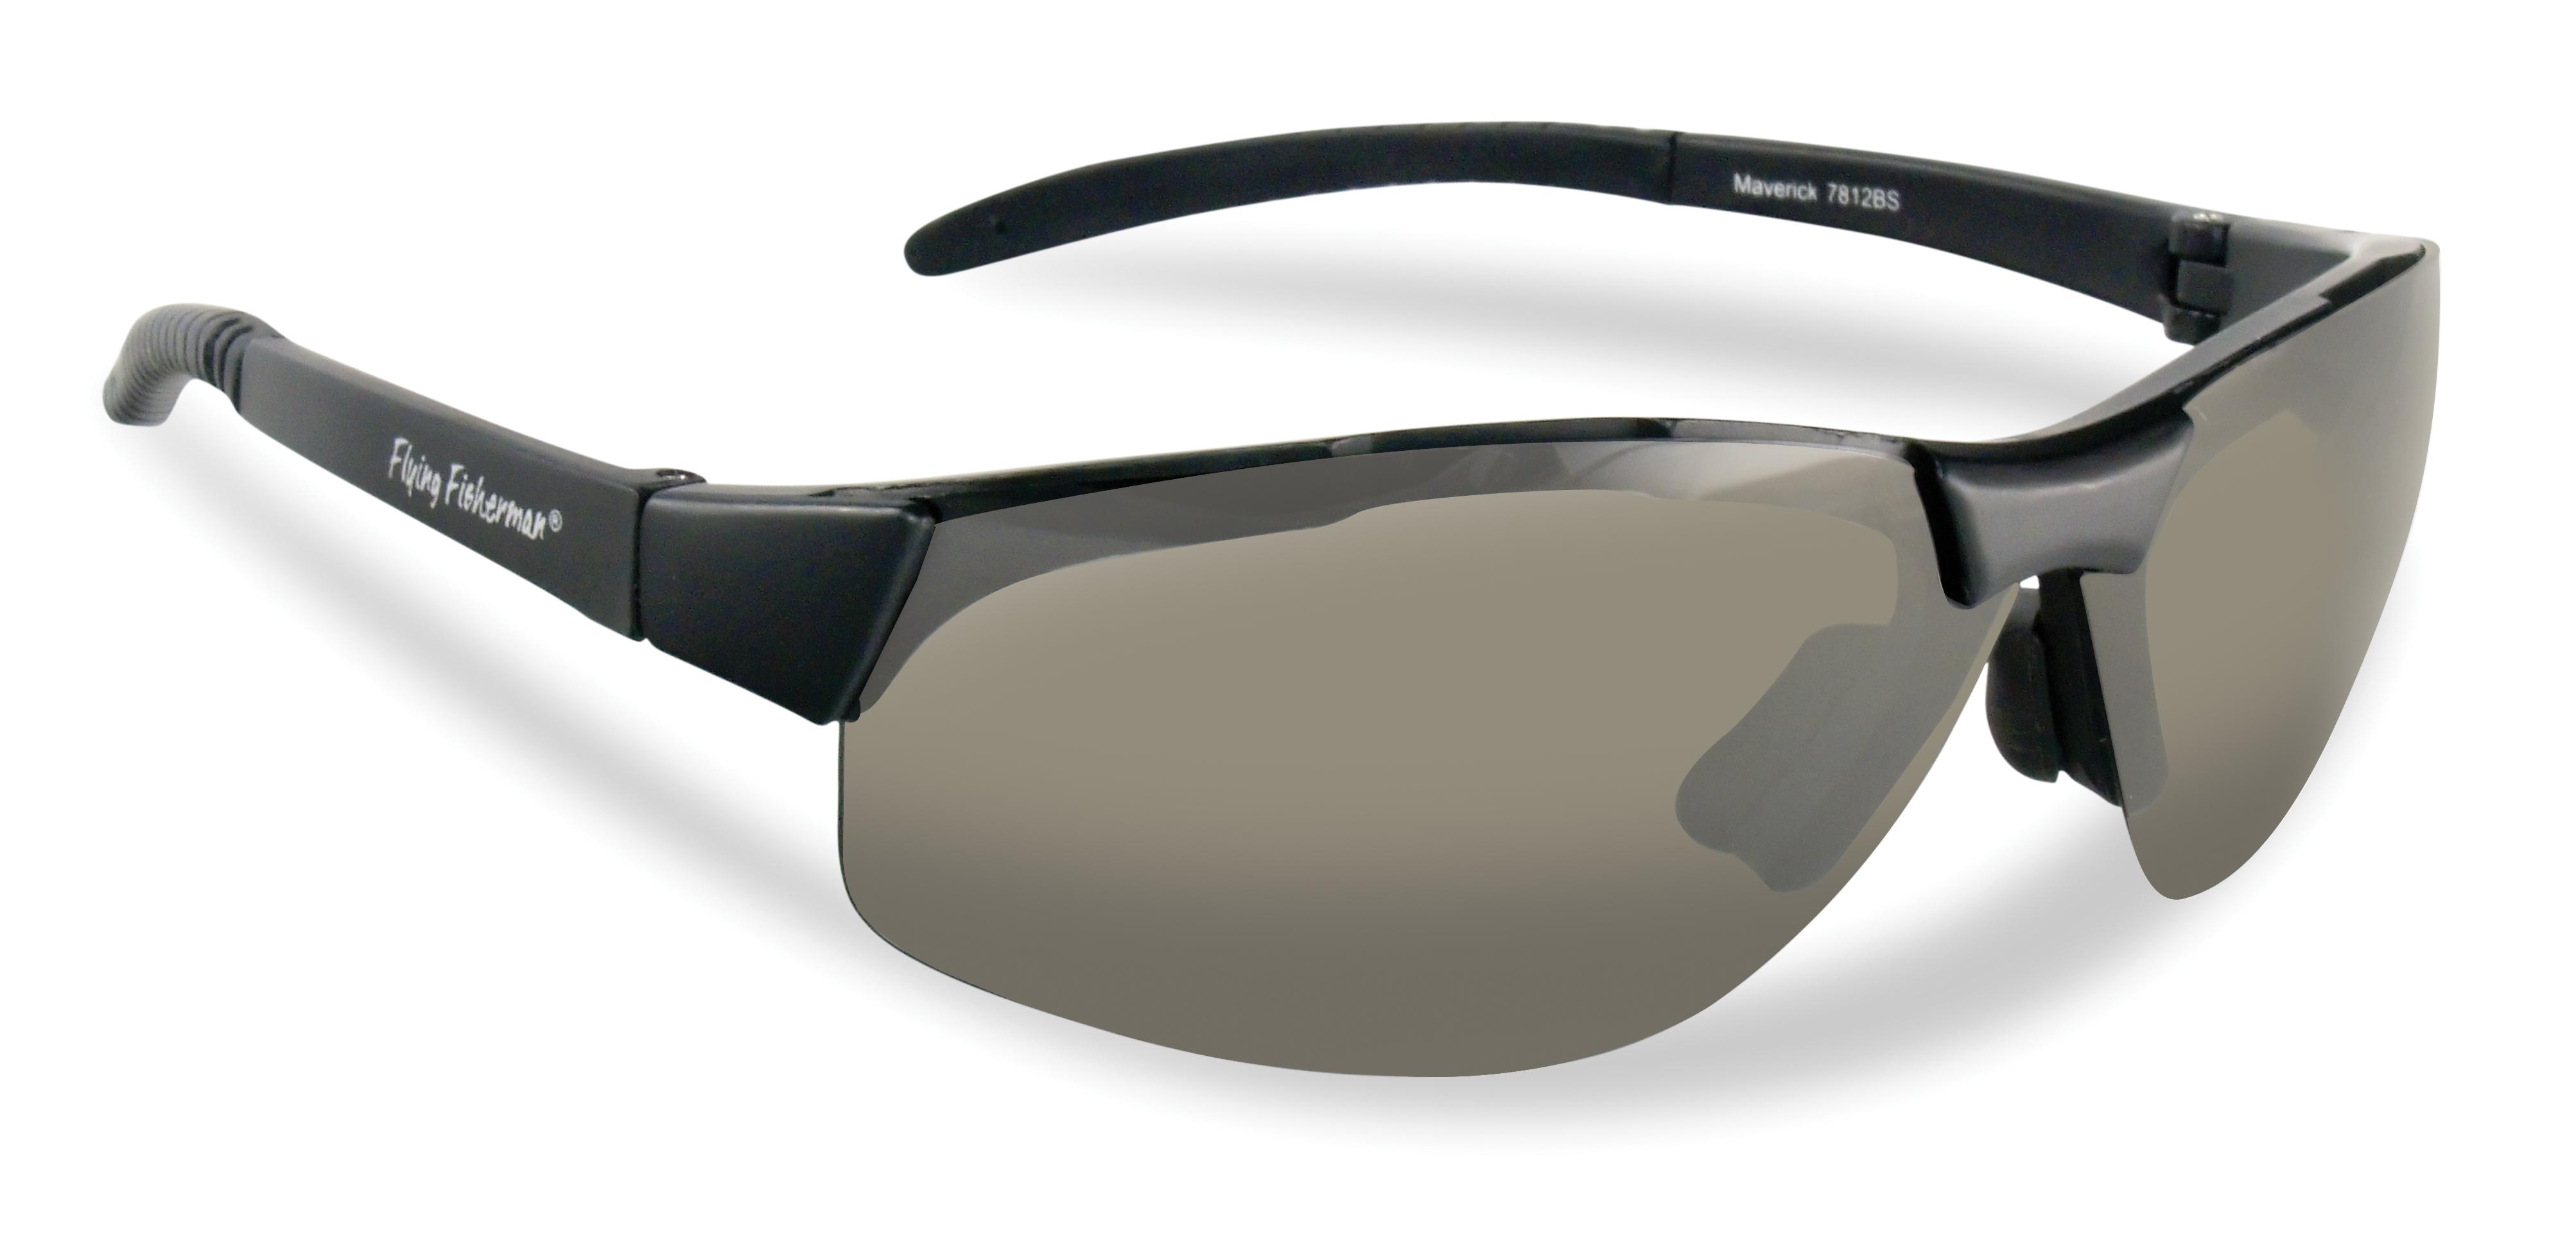 178ea87bbd1 ... blublocker polarized viper sunglasses